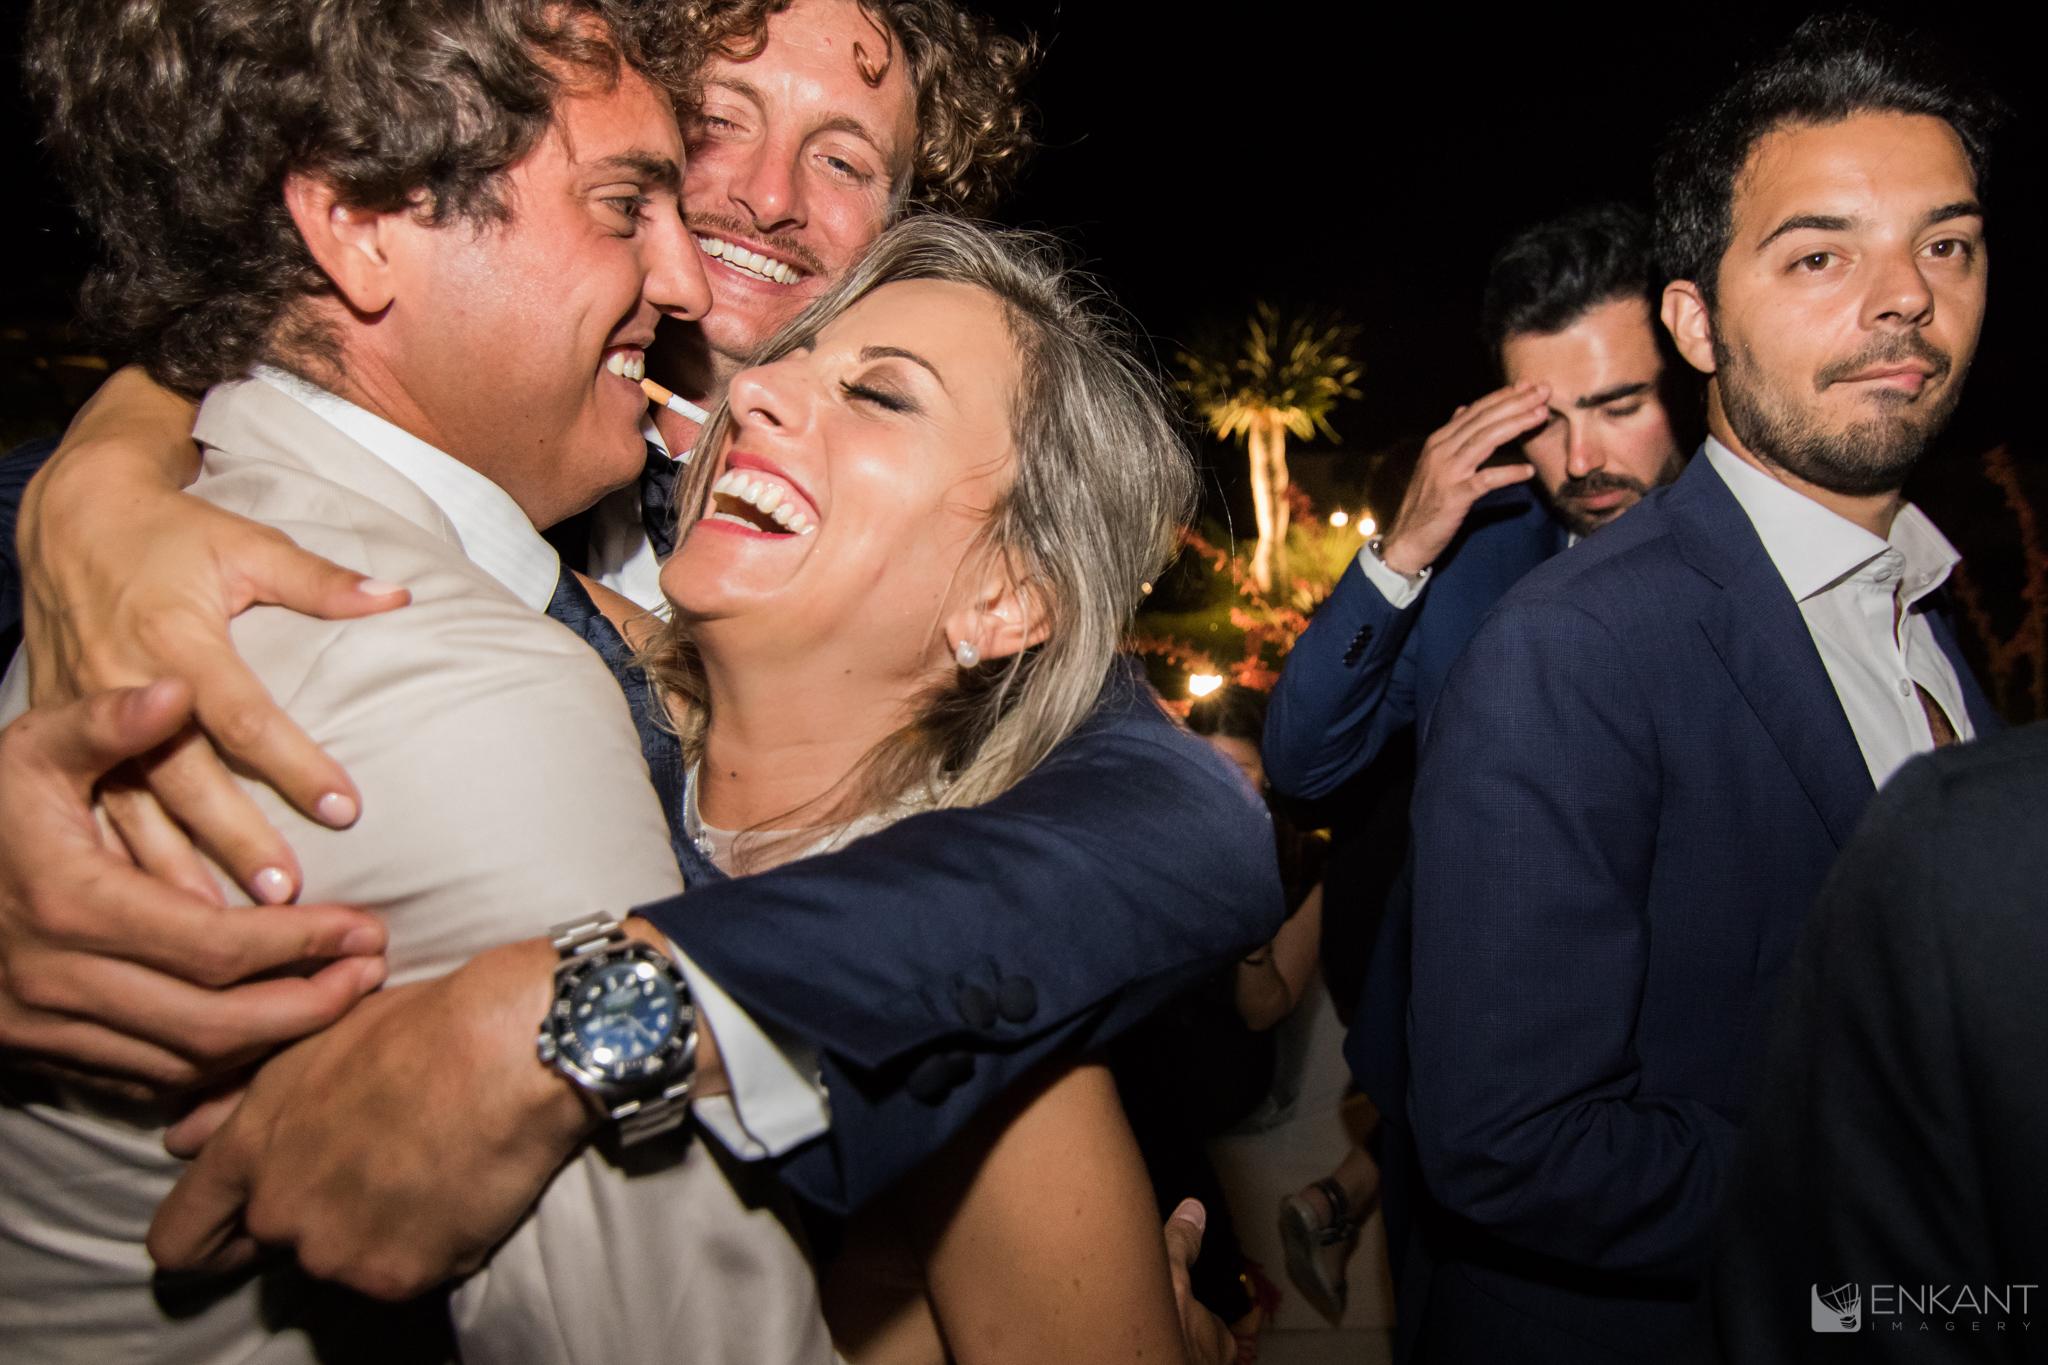 foto-matrimonio-enkant-noto-dimoradellebalze-58.jpg